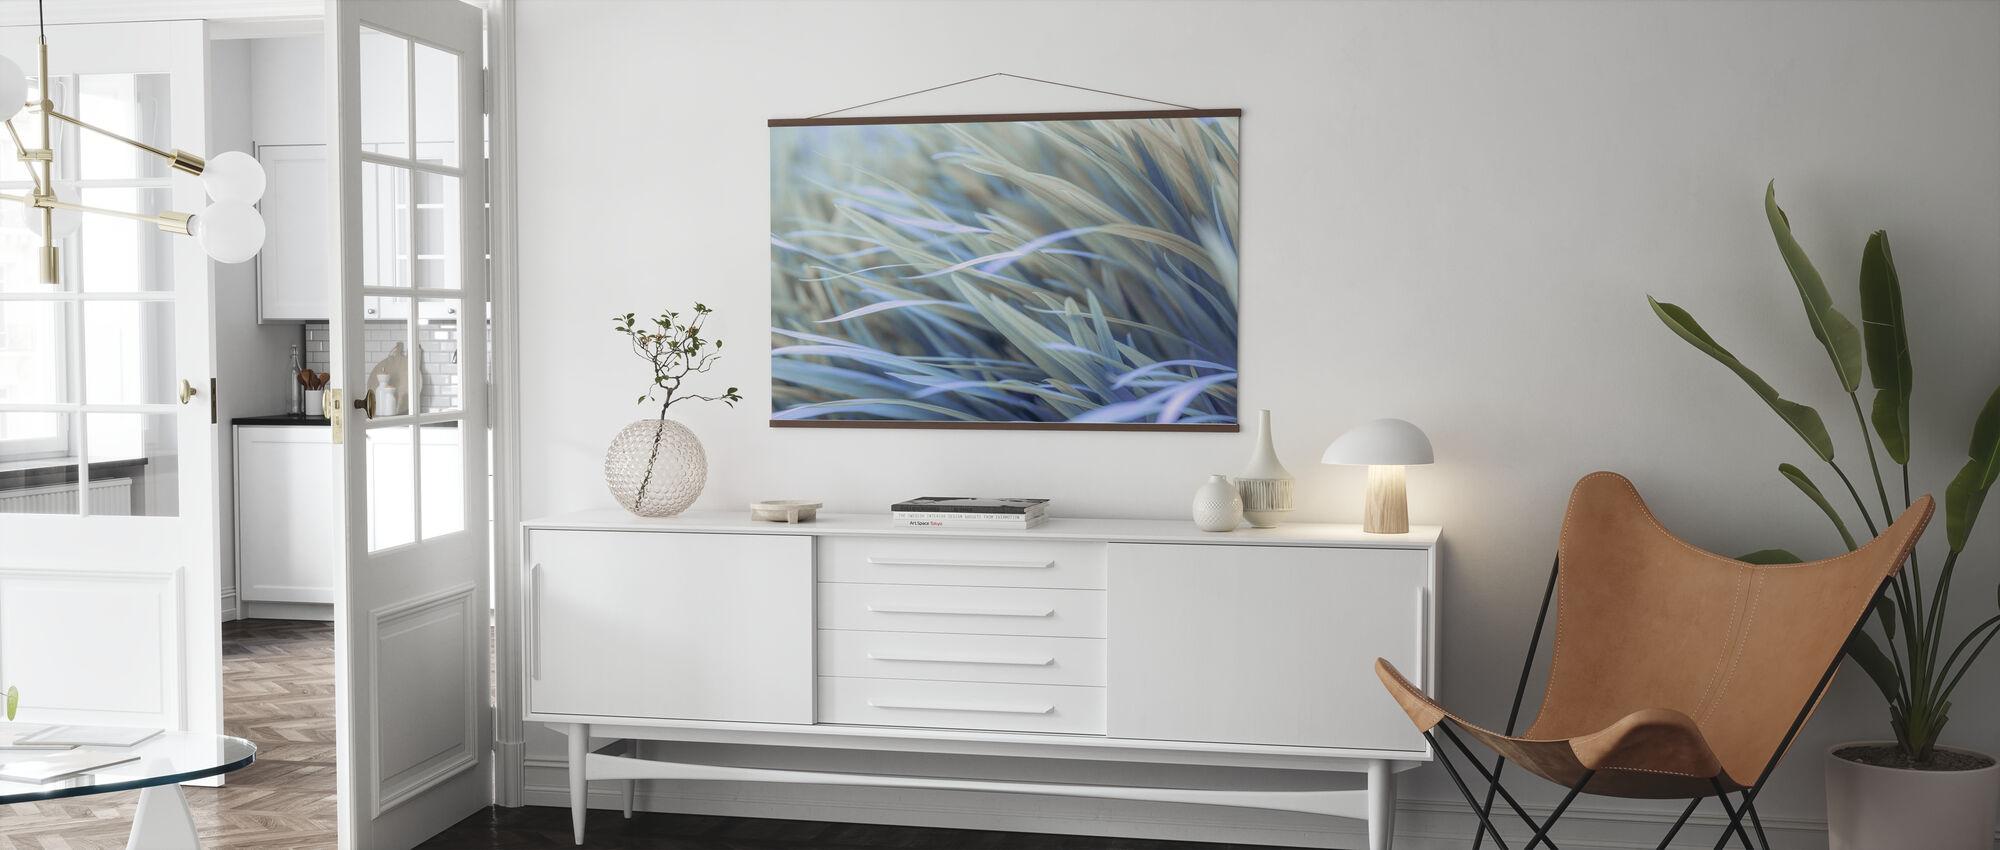 Gras - Poster - Wohnzimmer